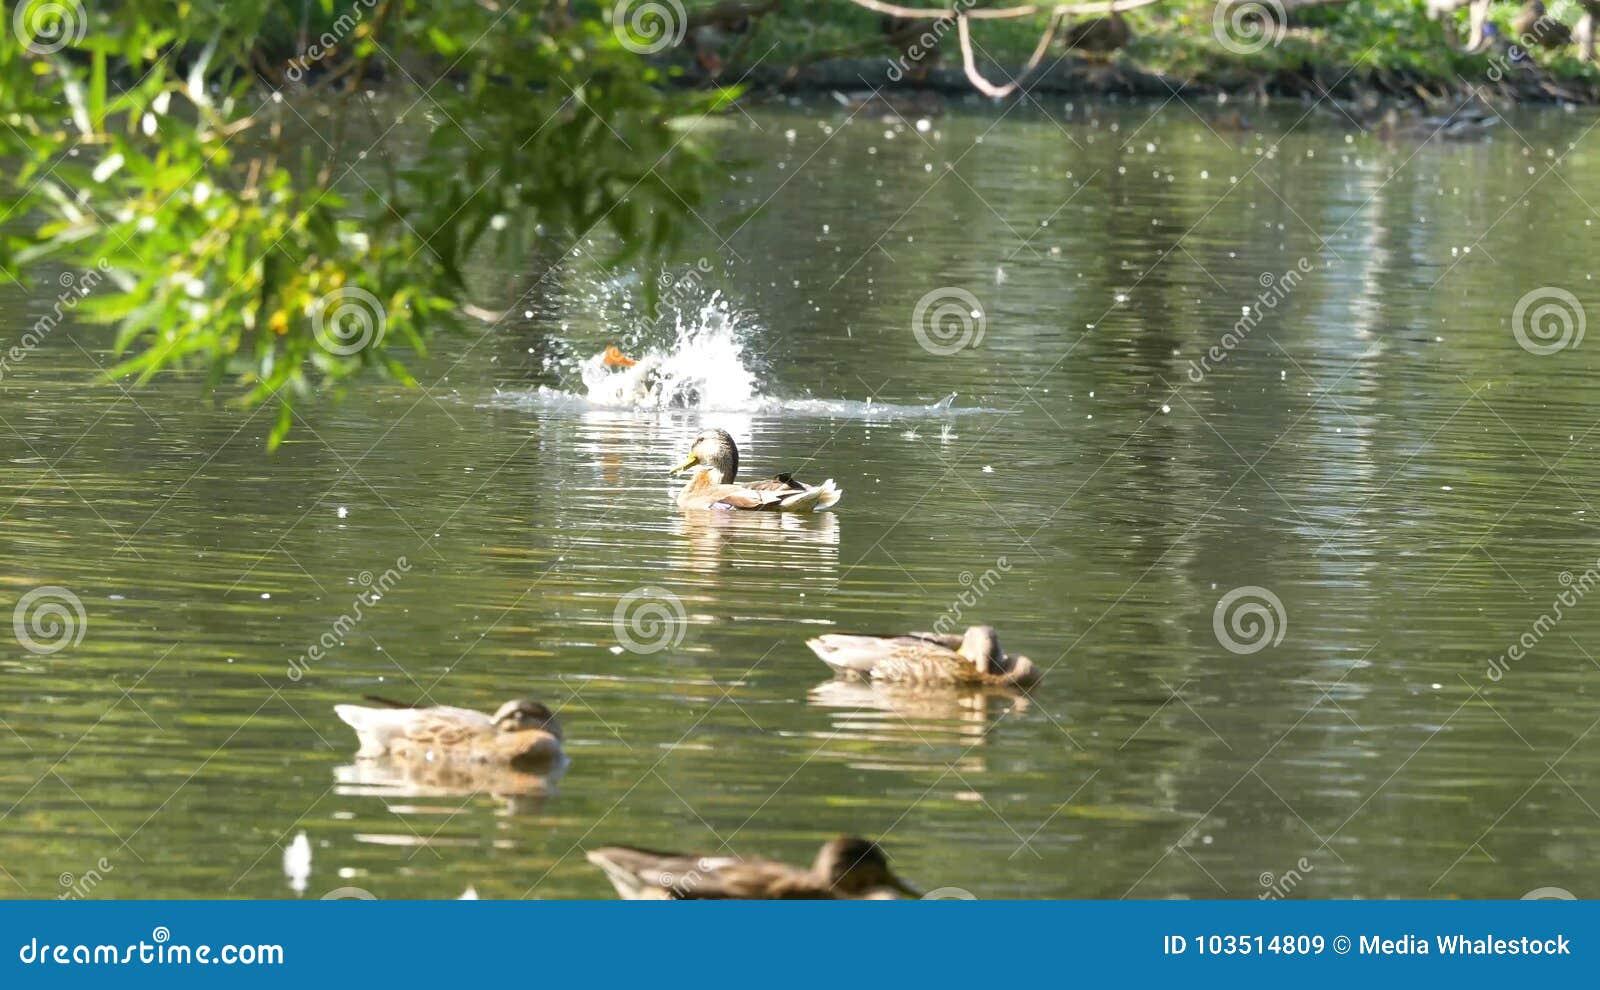 Eenden op water in de vijver van het stadspark De eenden zwemmen in een vijver in een stadspark de eenden zwemmen in een stadspar